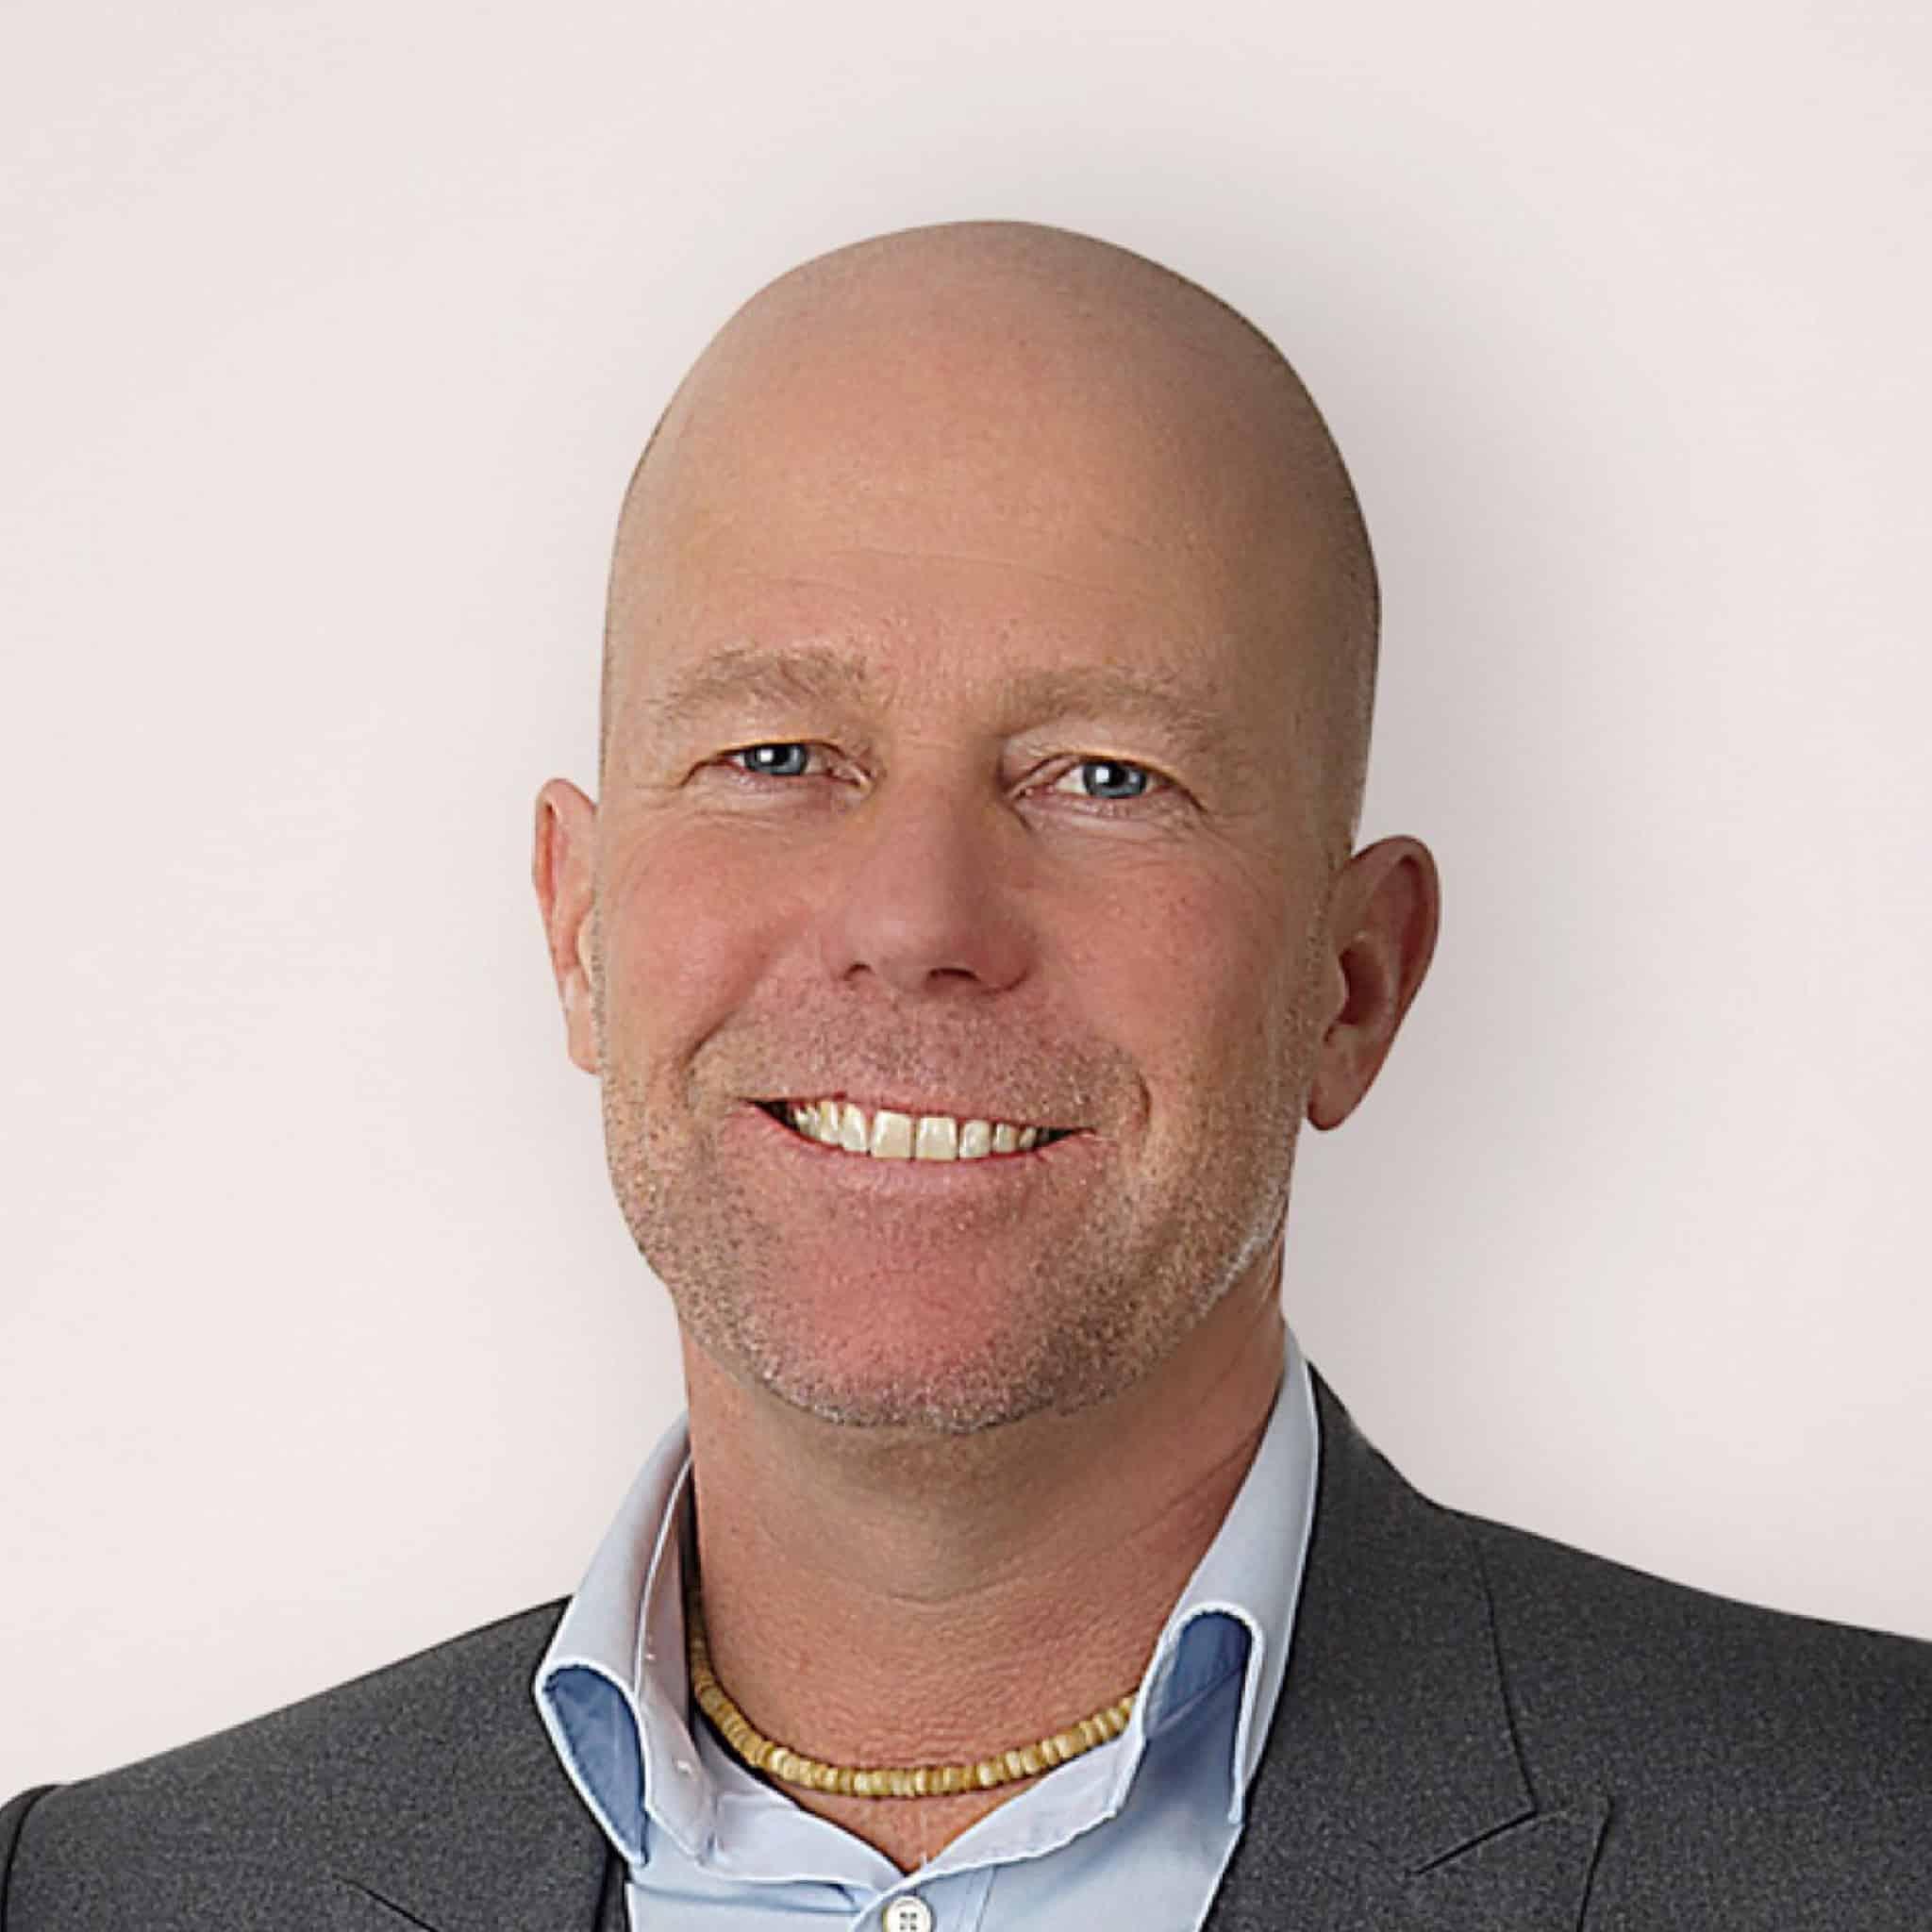 Neuer CEO für internationalen Druckmedienspezialisten: Industrieexperte Peter Wahsner übernimmt Leitung der Sihl Gruppe